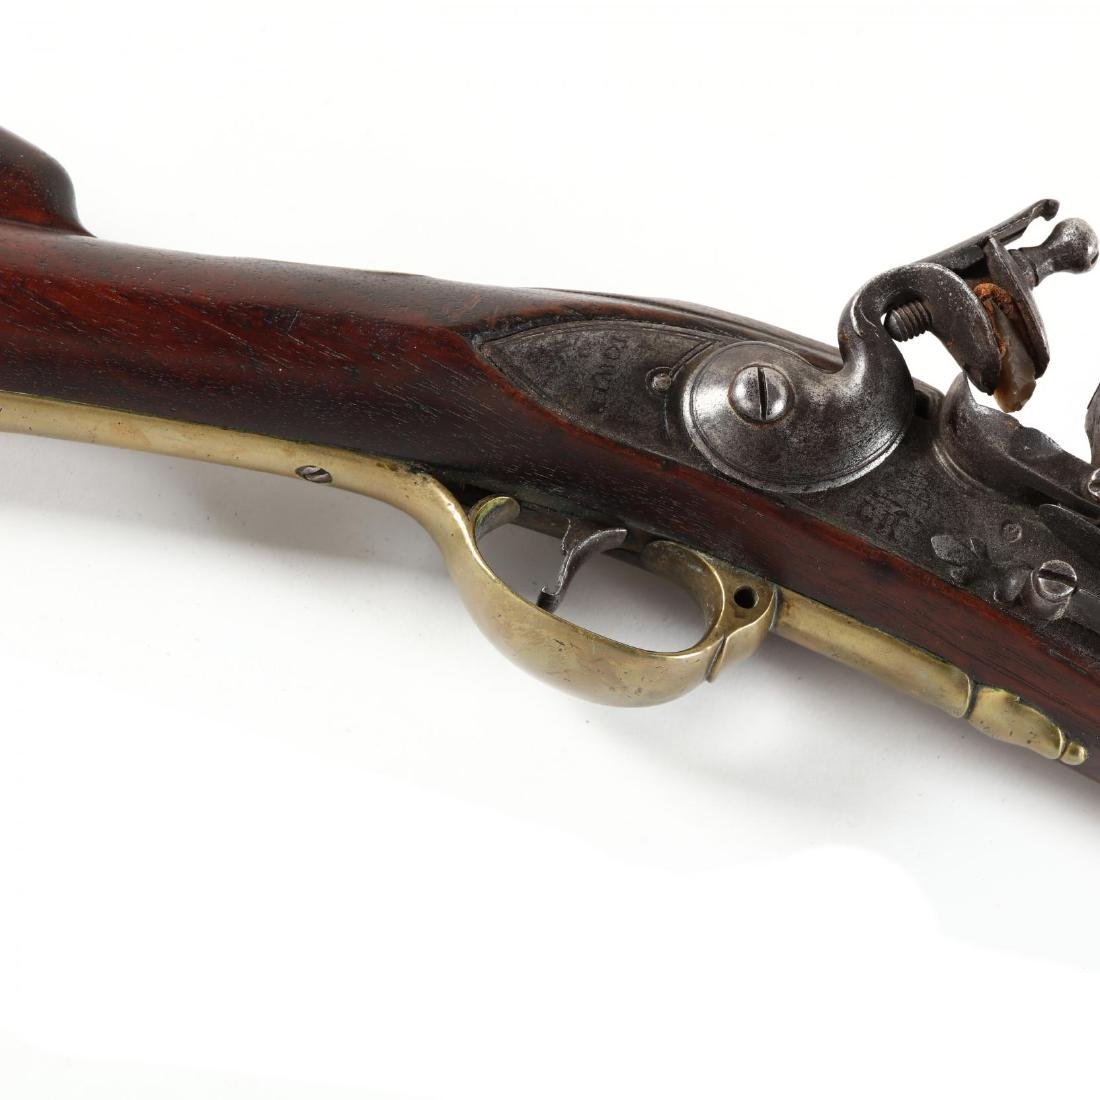 British Land Pattern Brown Bess Flintlock Musket - 6